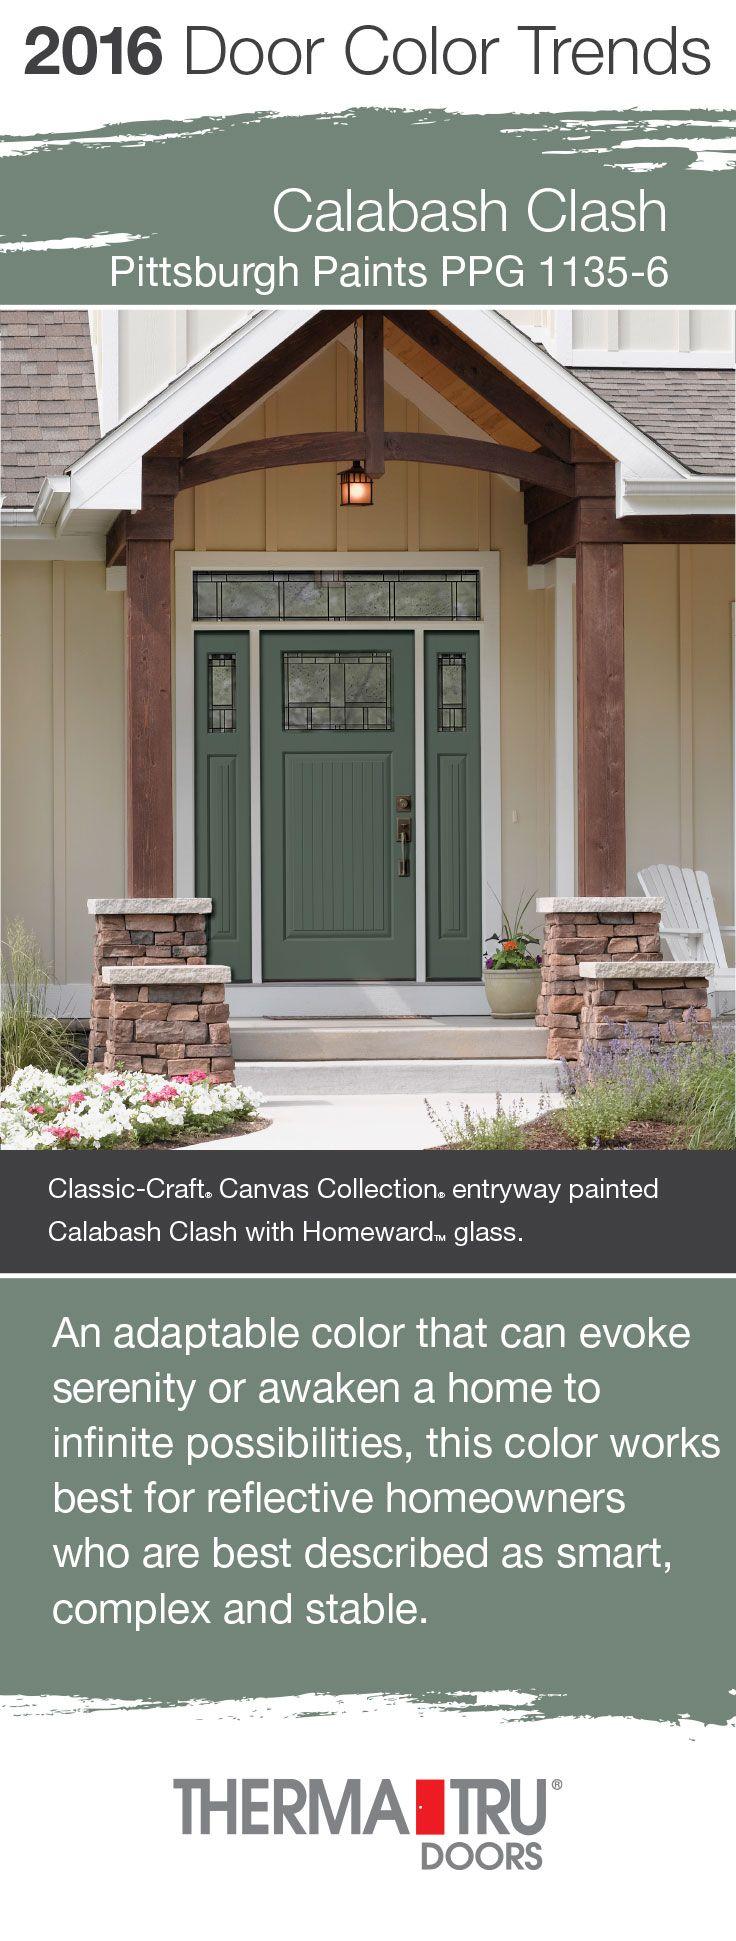 2016 door color trends 2016 front door color trends - Exterior house paint colors 2016 ...